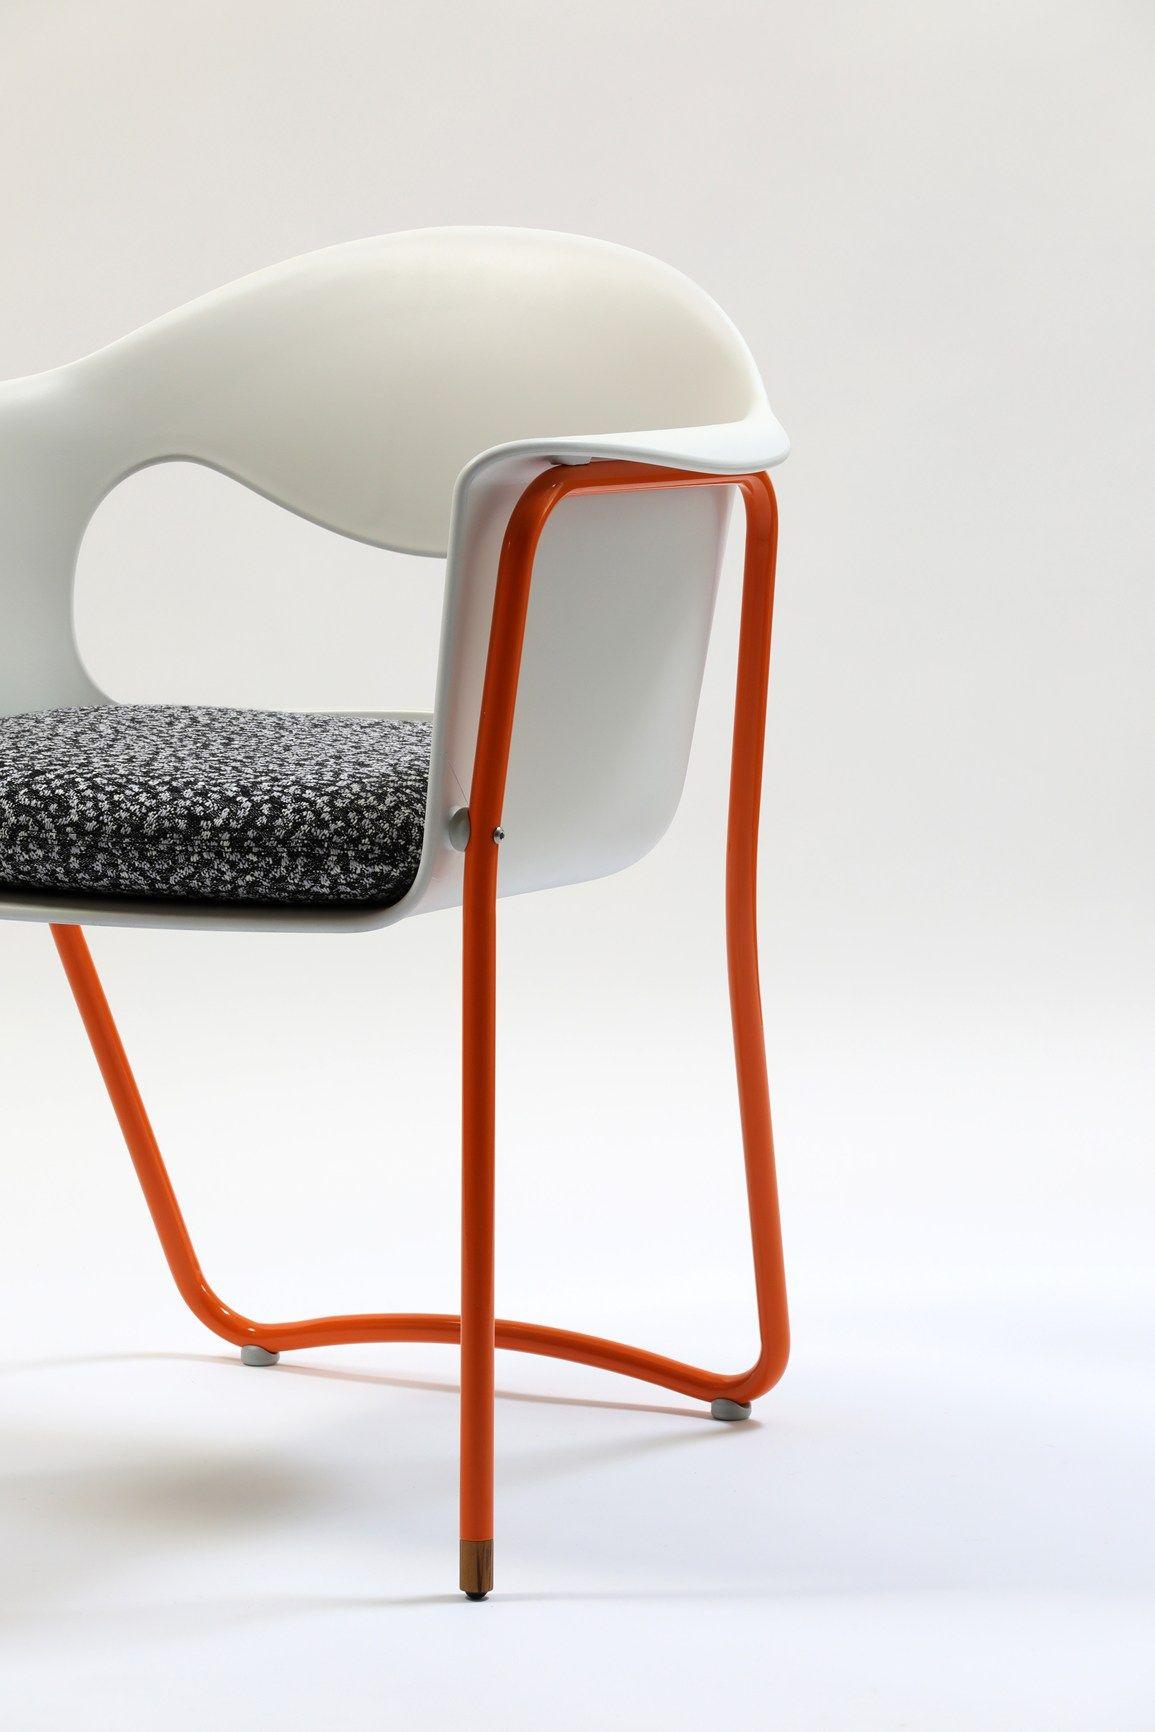 Brilliant House Of Finn Juhl Launches The Modern Art Chair A Tribute Machost Co Dining Chair Design Ideas Machostcouk